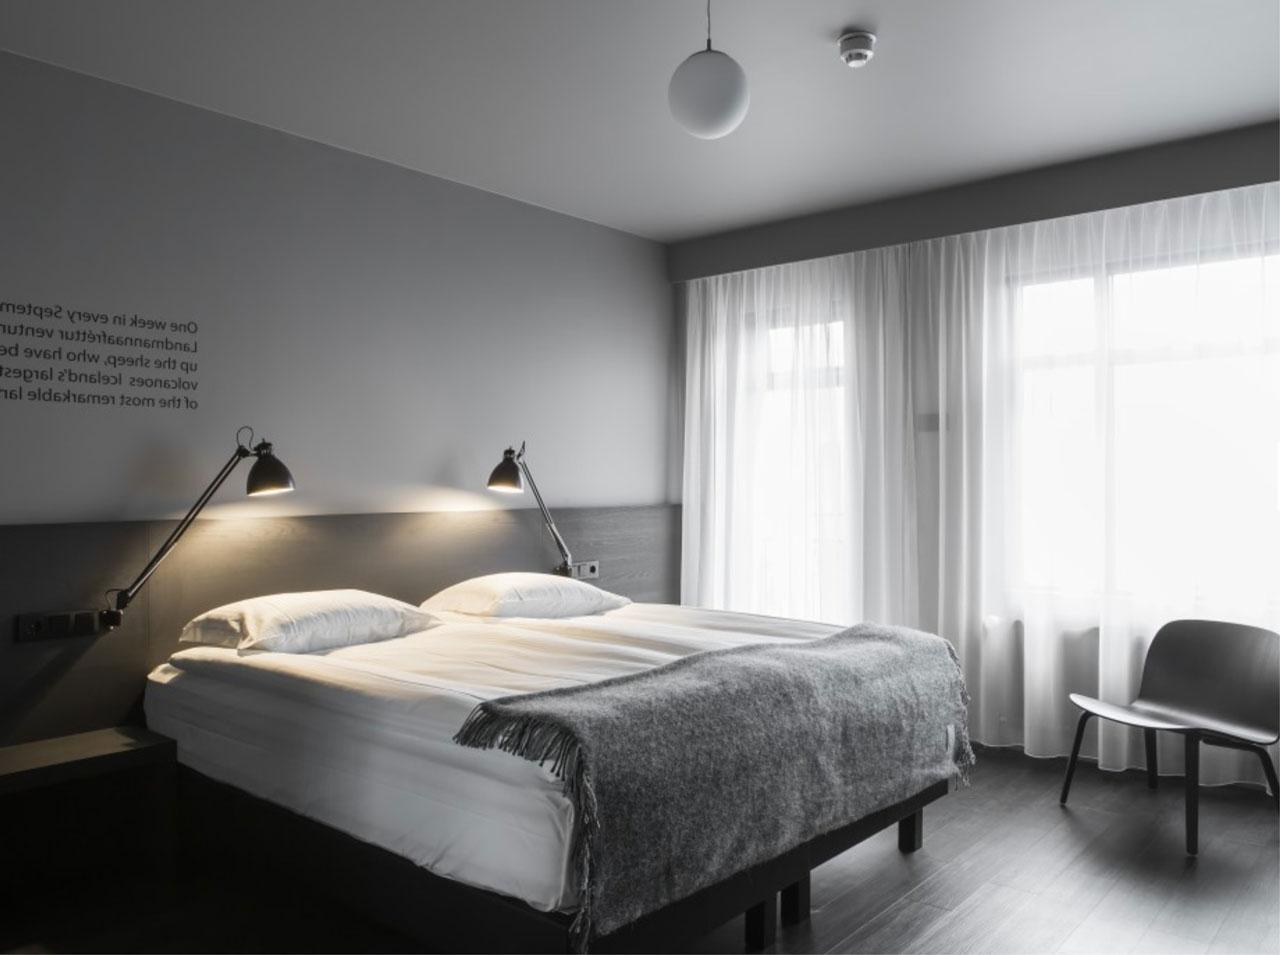 Wyposażamy hotele, pensjonaty, apartamenty, restauracje oraz inne budynki użyteczności publicznej.